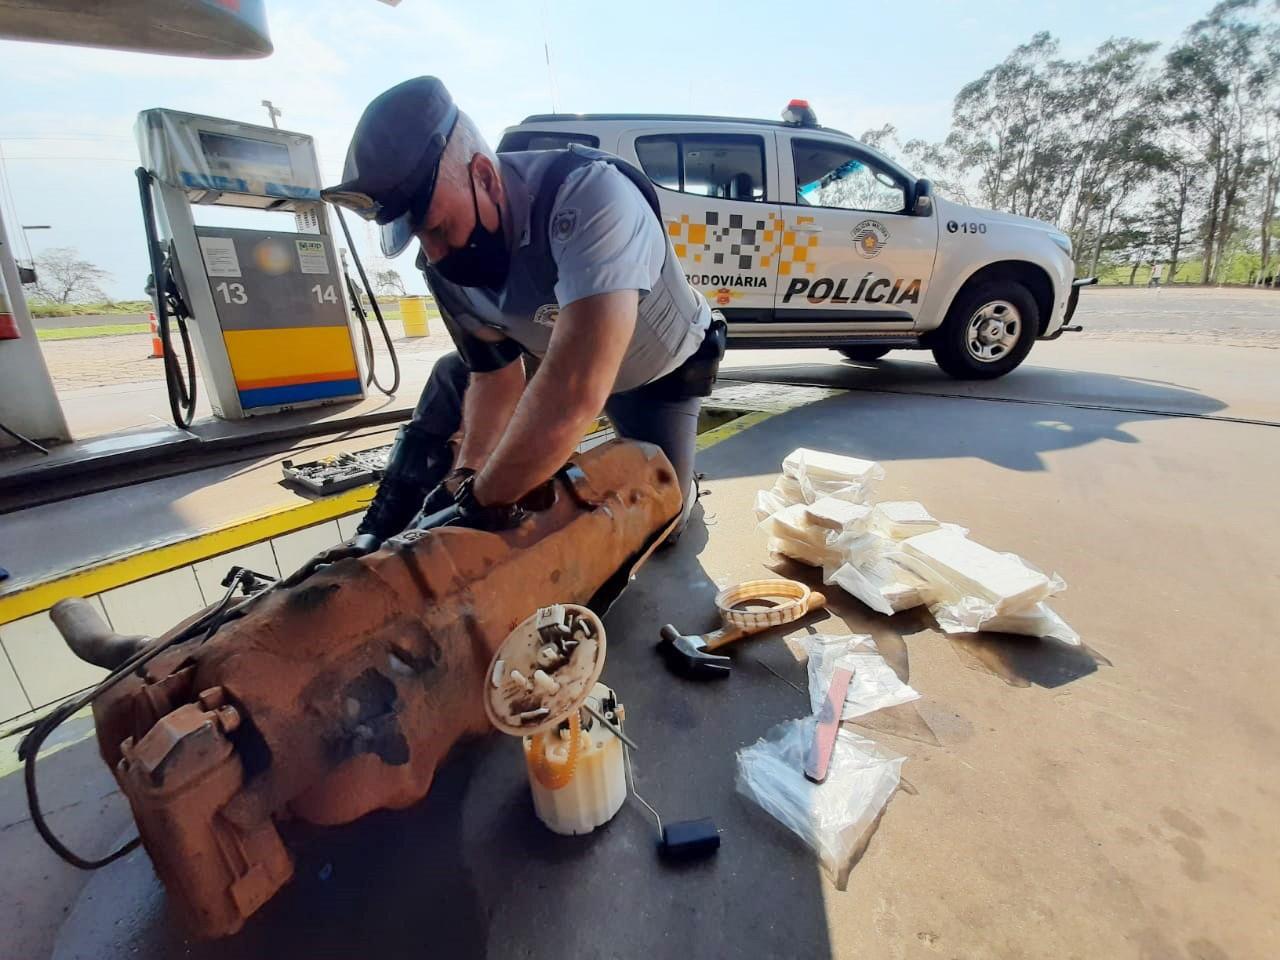 Fiscalização encontra 30kg de cocaína escondidos em tanque de combustíveis de carro e motorista acaba preso em flagrante